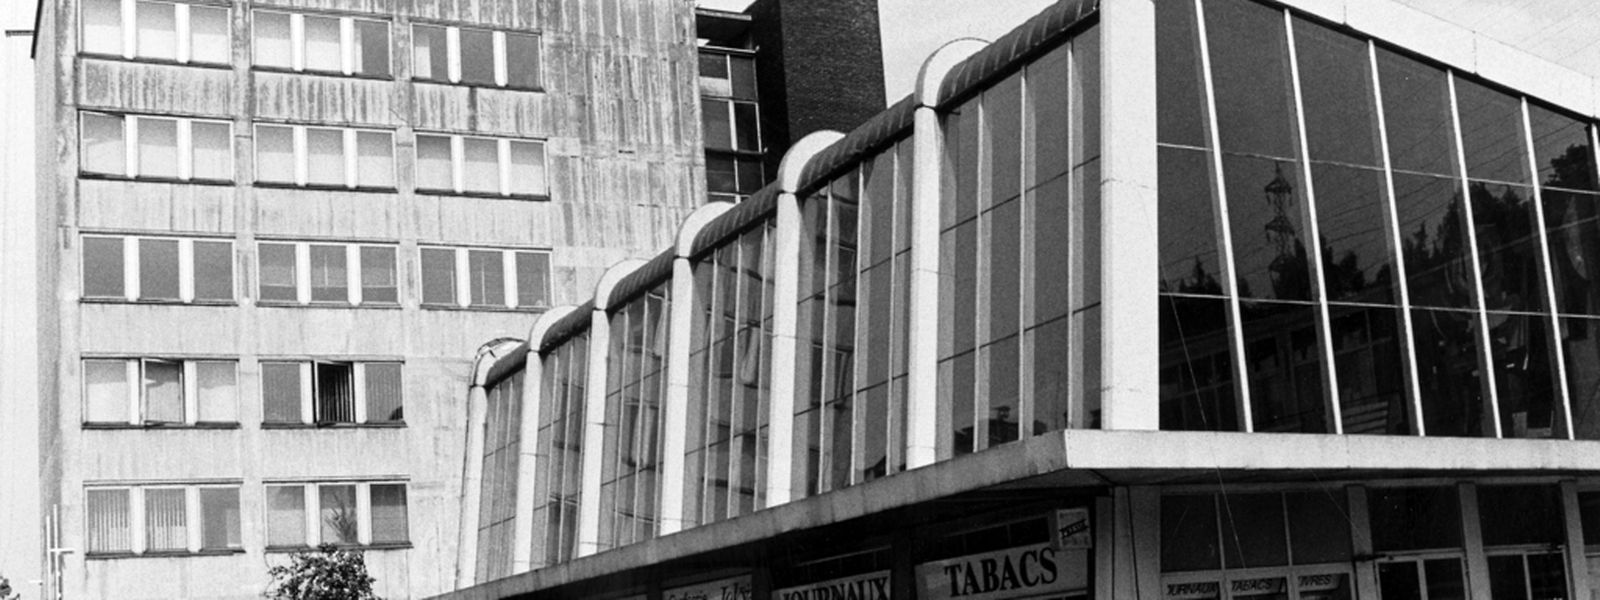 Das Bahnhofsgebäude wie es vielen alteingesessenen Eschern in Erinnerung ist. Dieses Bild stammt vom 29. Juni 1994.